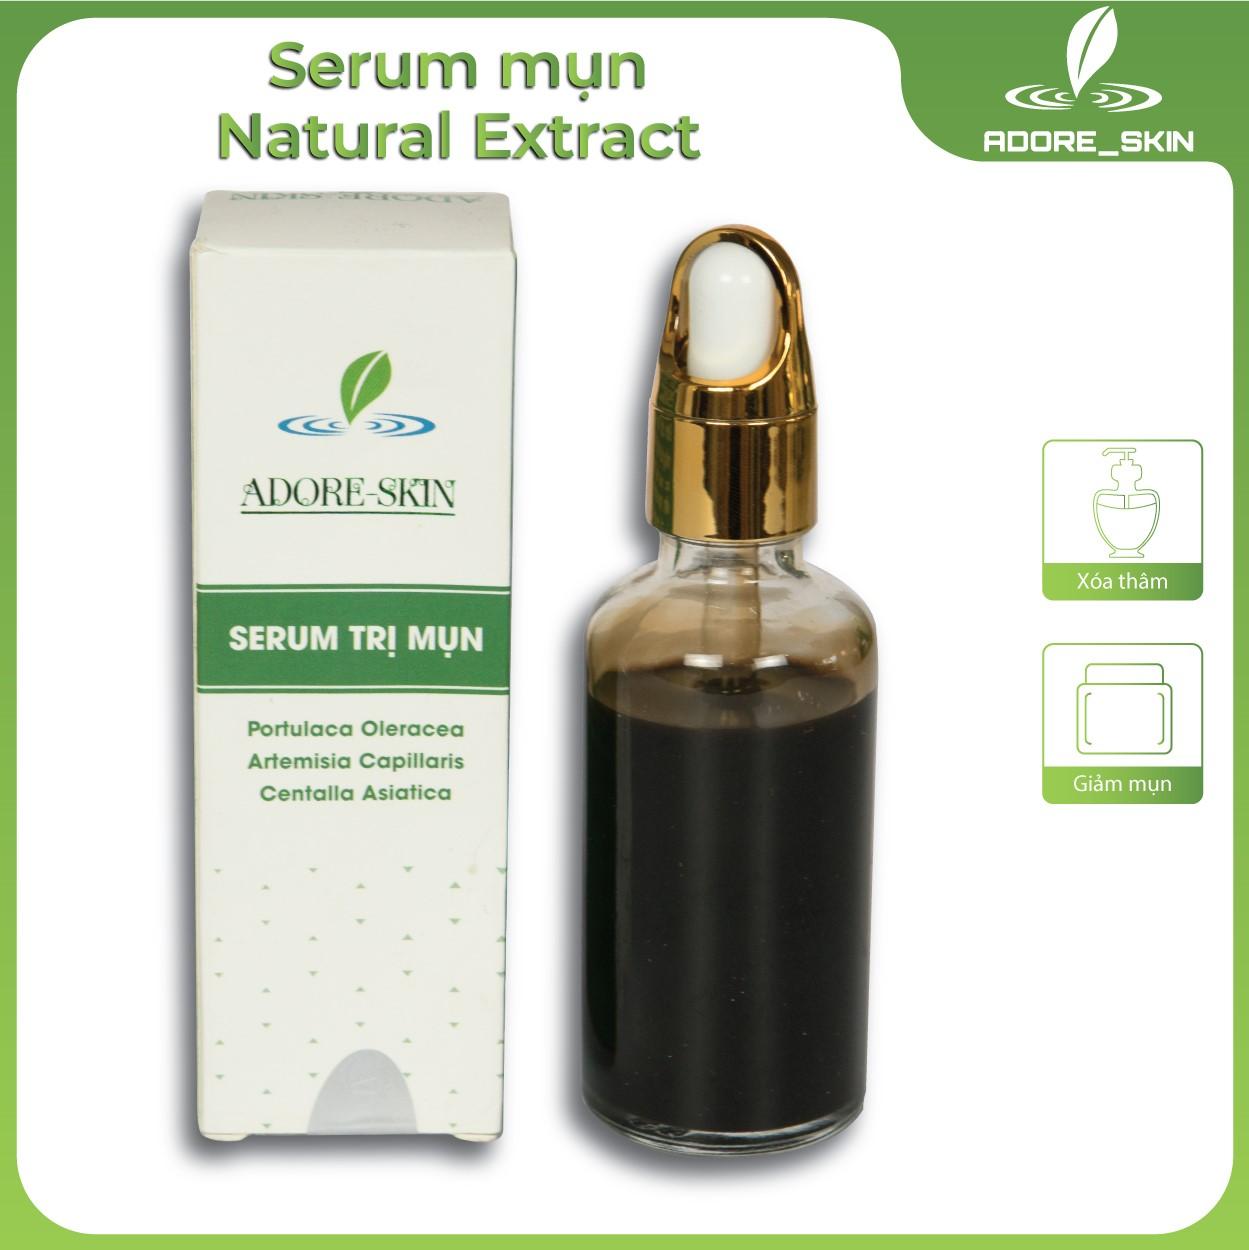 Serum mụn Natural Extract Adore-skin giảm mụn xóa các vết thâm